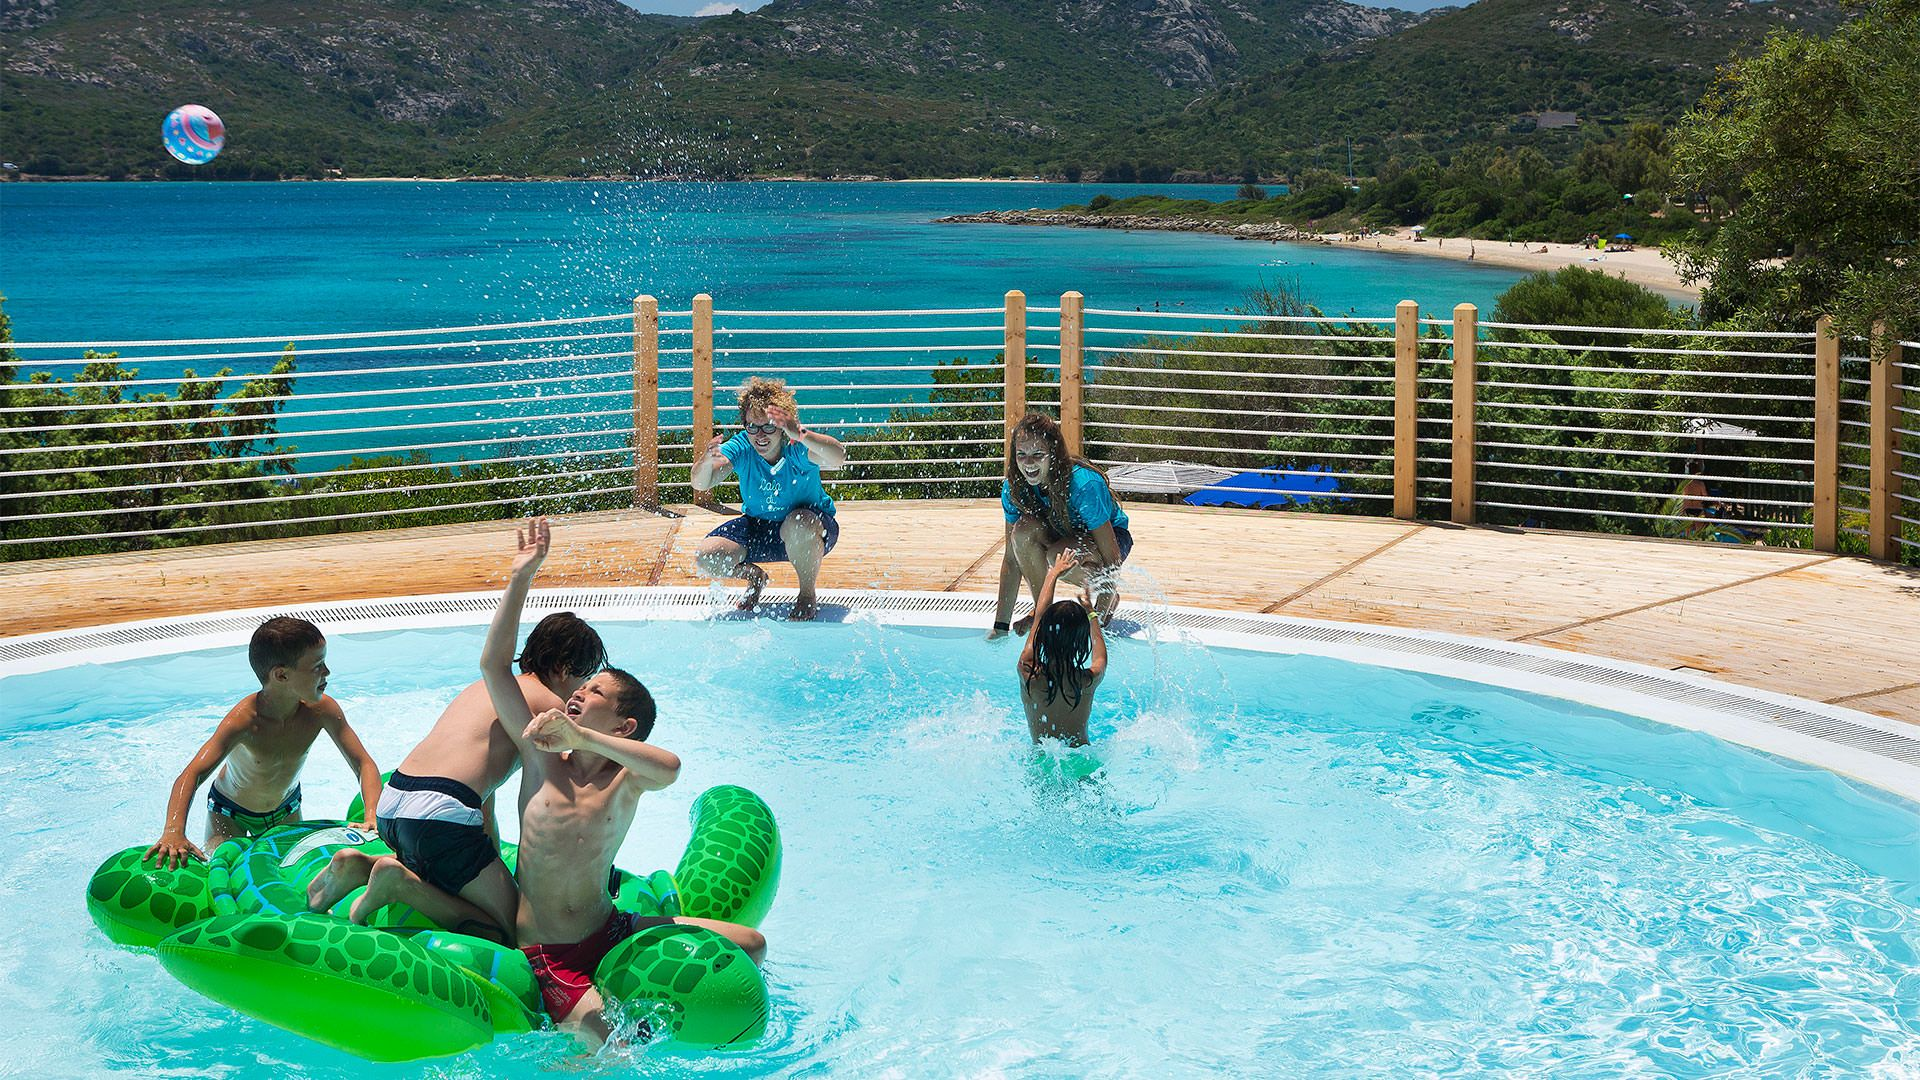 Delphina Настоящий семейный отель на берегах Сардинии Palau, Costa Smeralda Сардиния - Италия